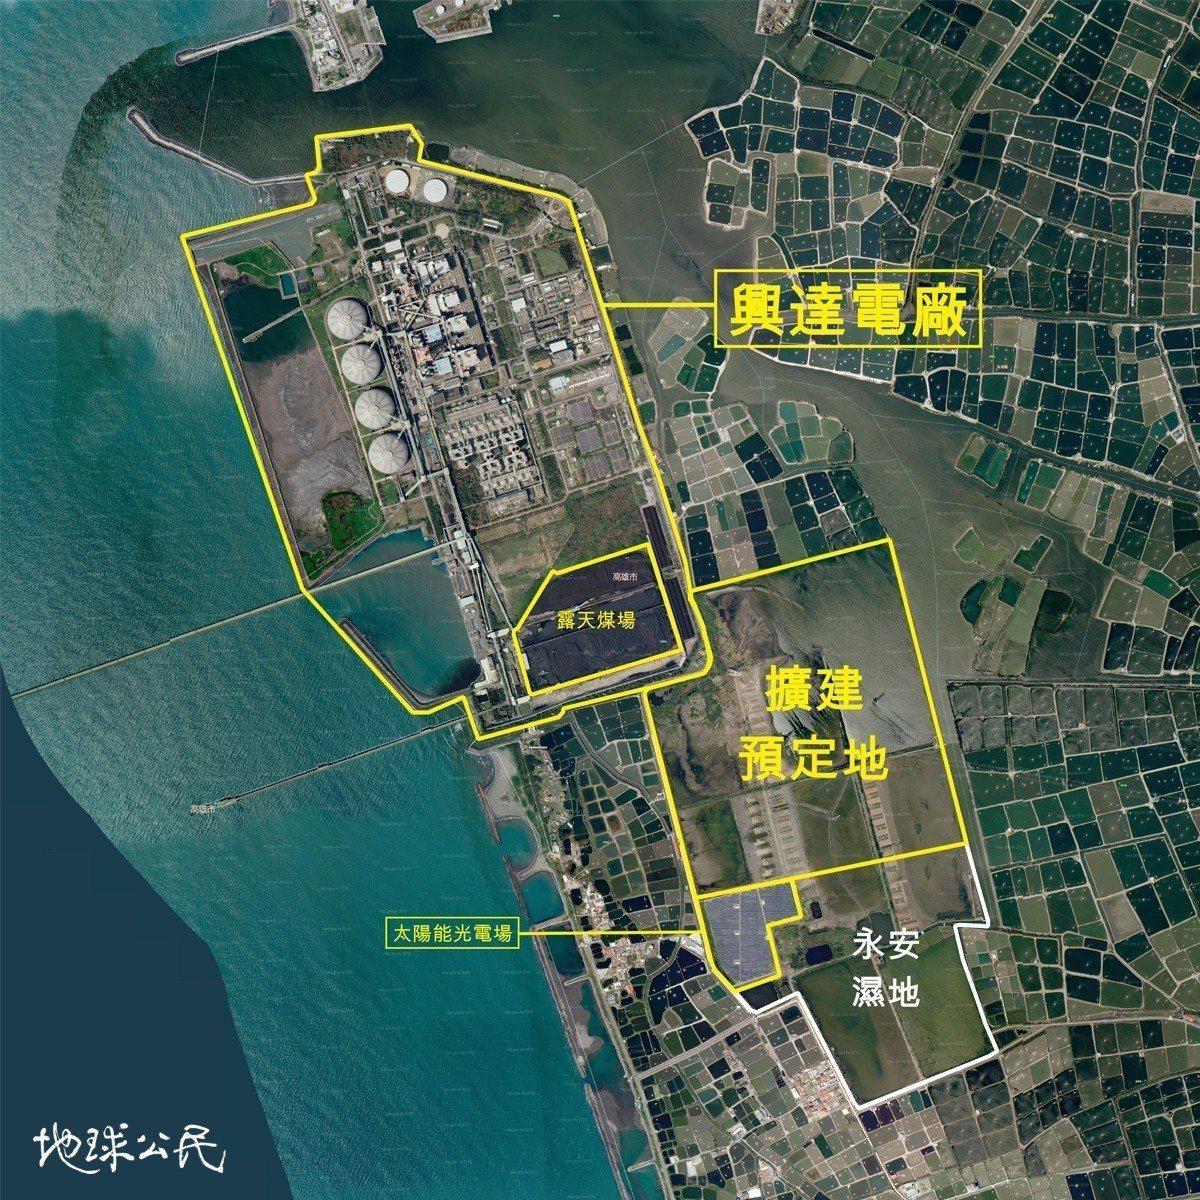 興達電廠計畫在廠區東南側78.3公頃的溼地上興建新燃氣機組,遭環團批「治空汙傷保...